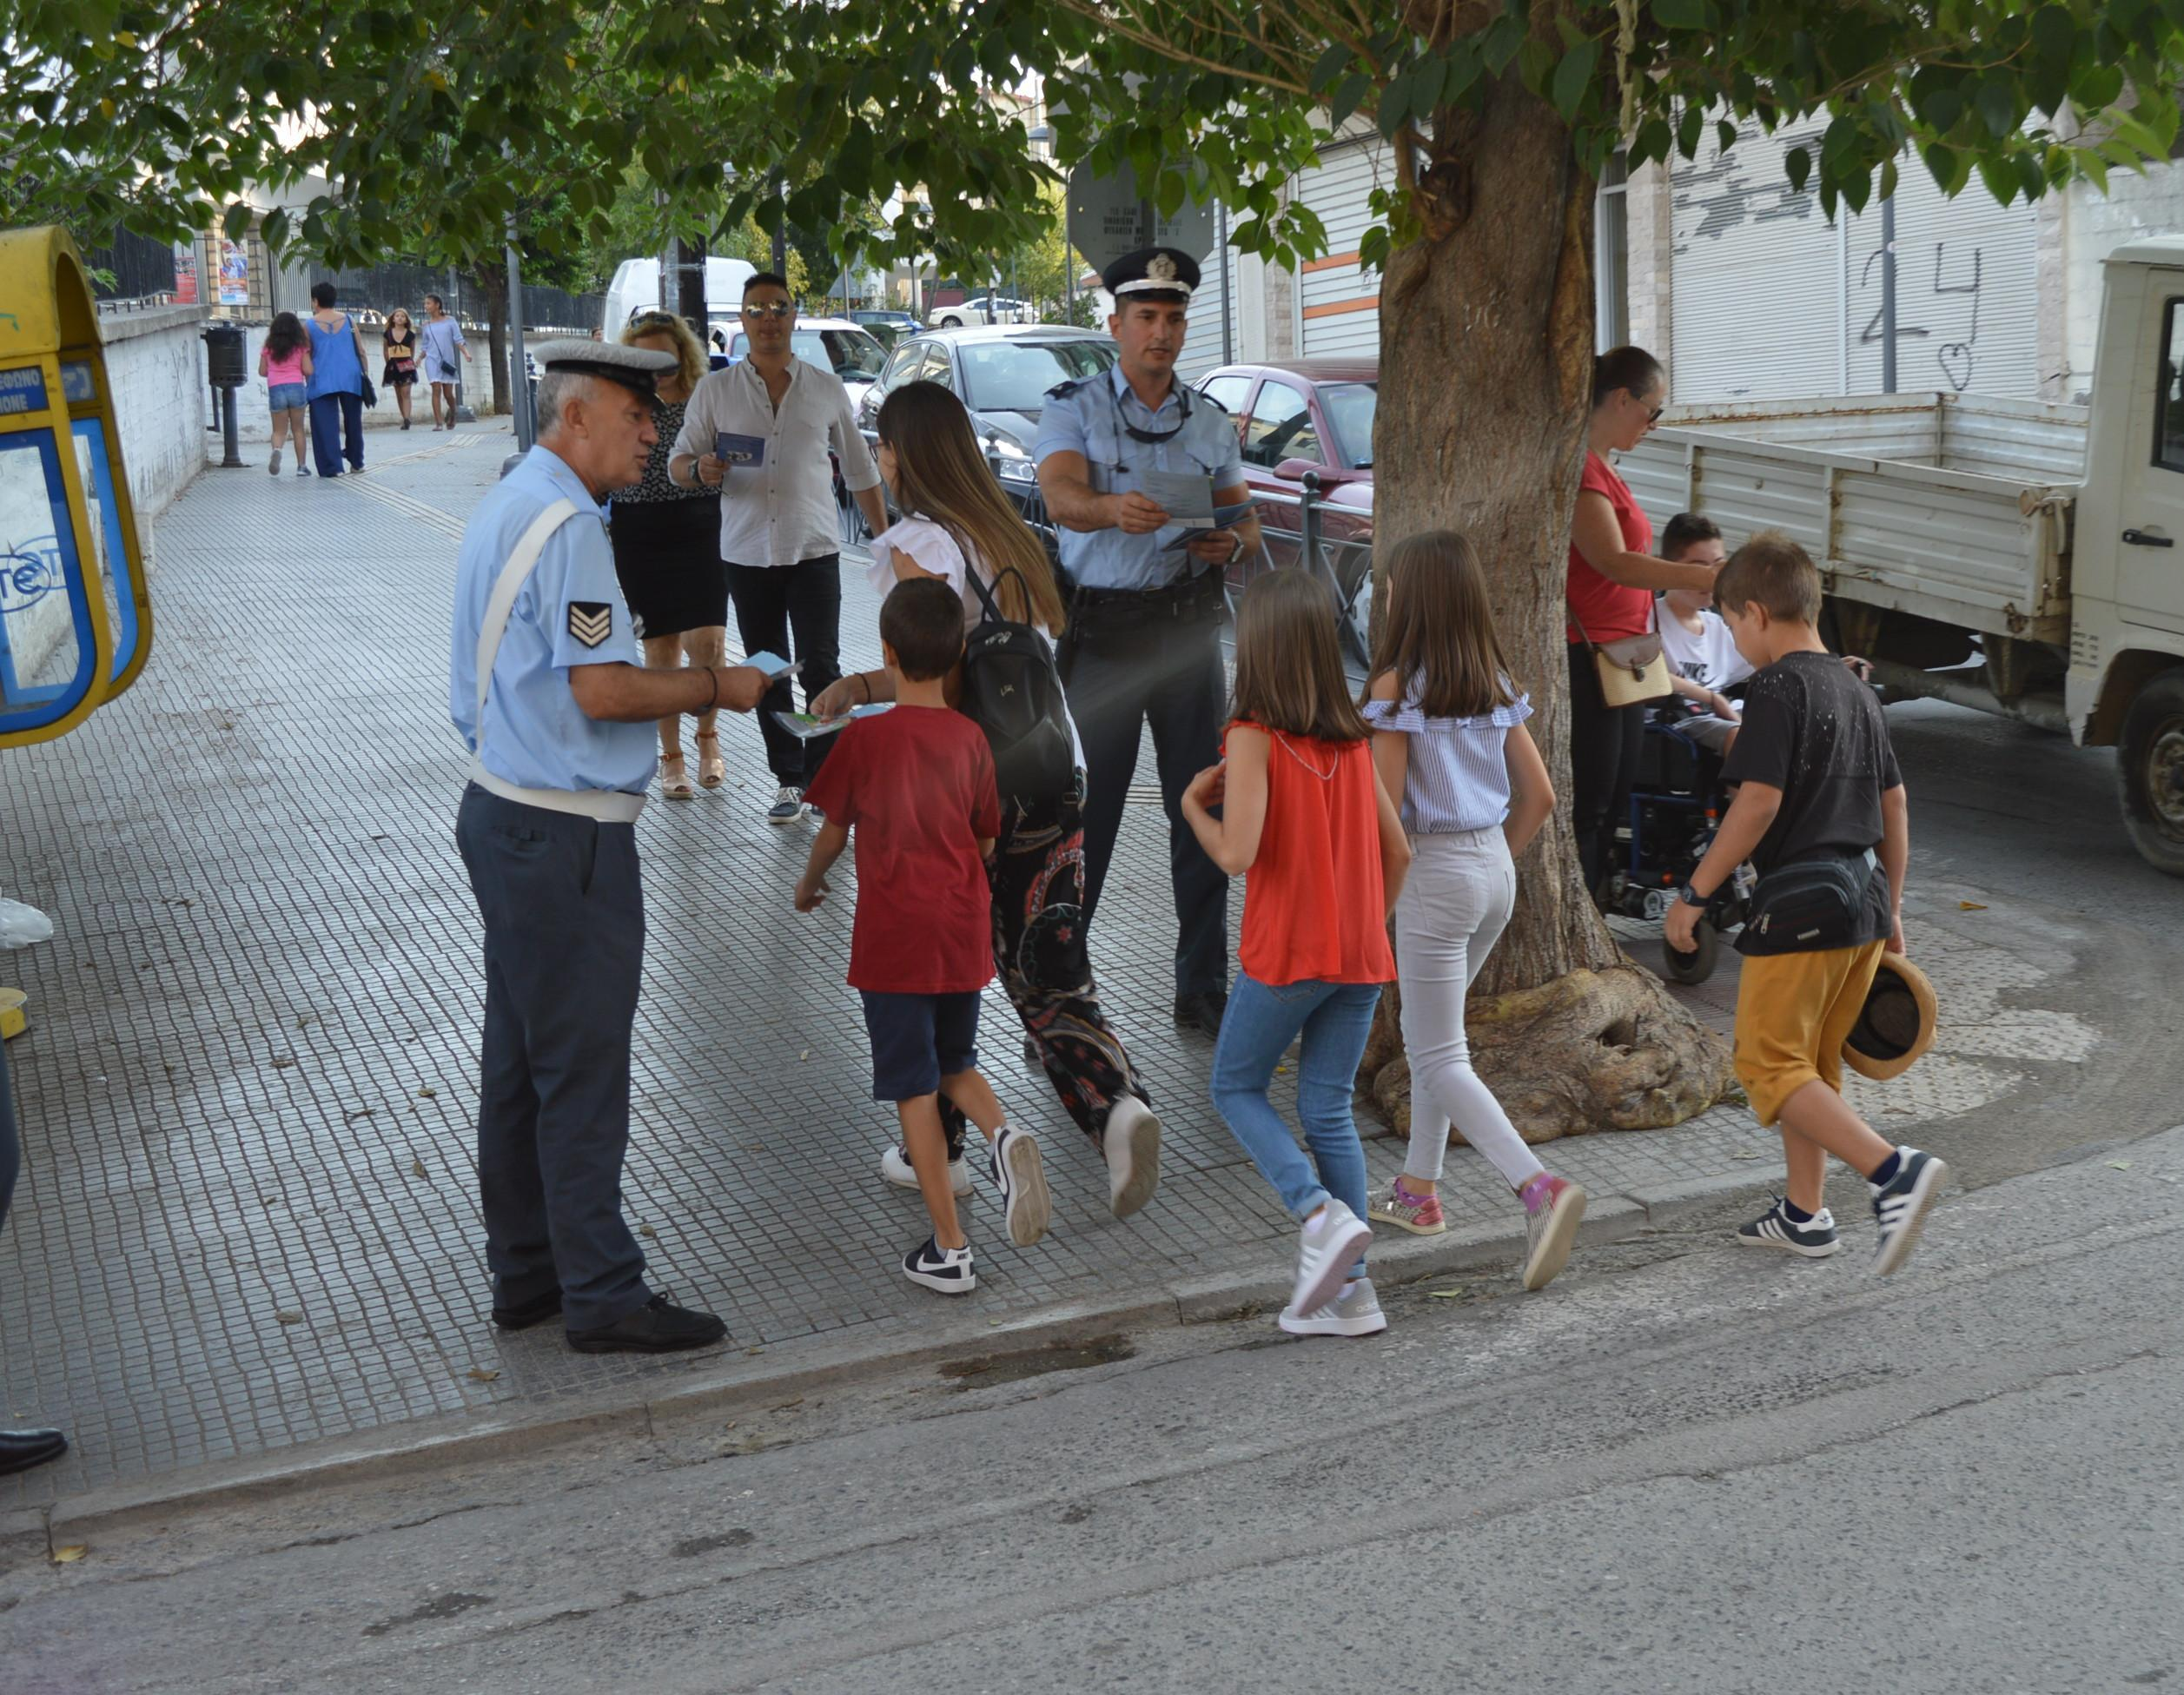 Αστυνομικοί μοίρασαν φυλλάδια για την οδική ασφάλεια σε γονείς και μαθητές Δημοτικών Σχολείων της Κ. Μακεδονίας